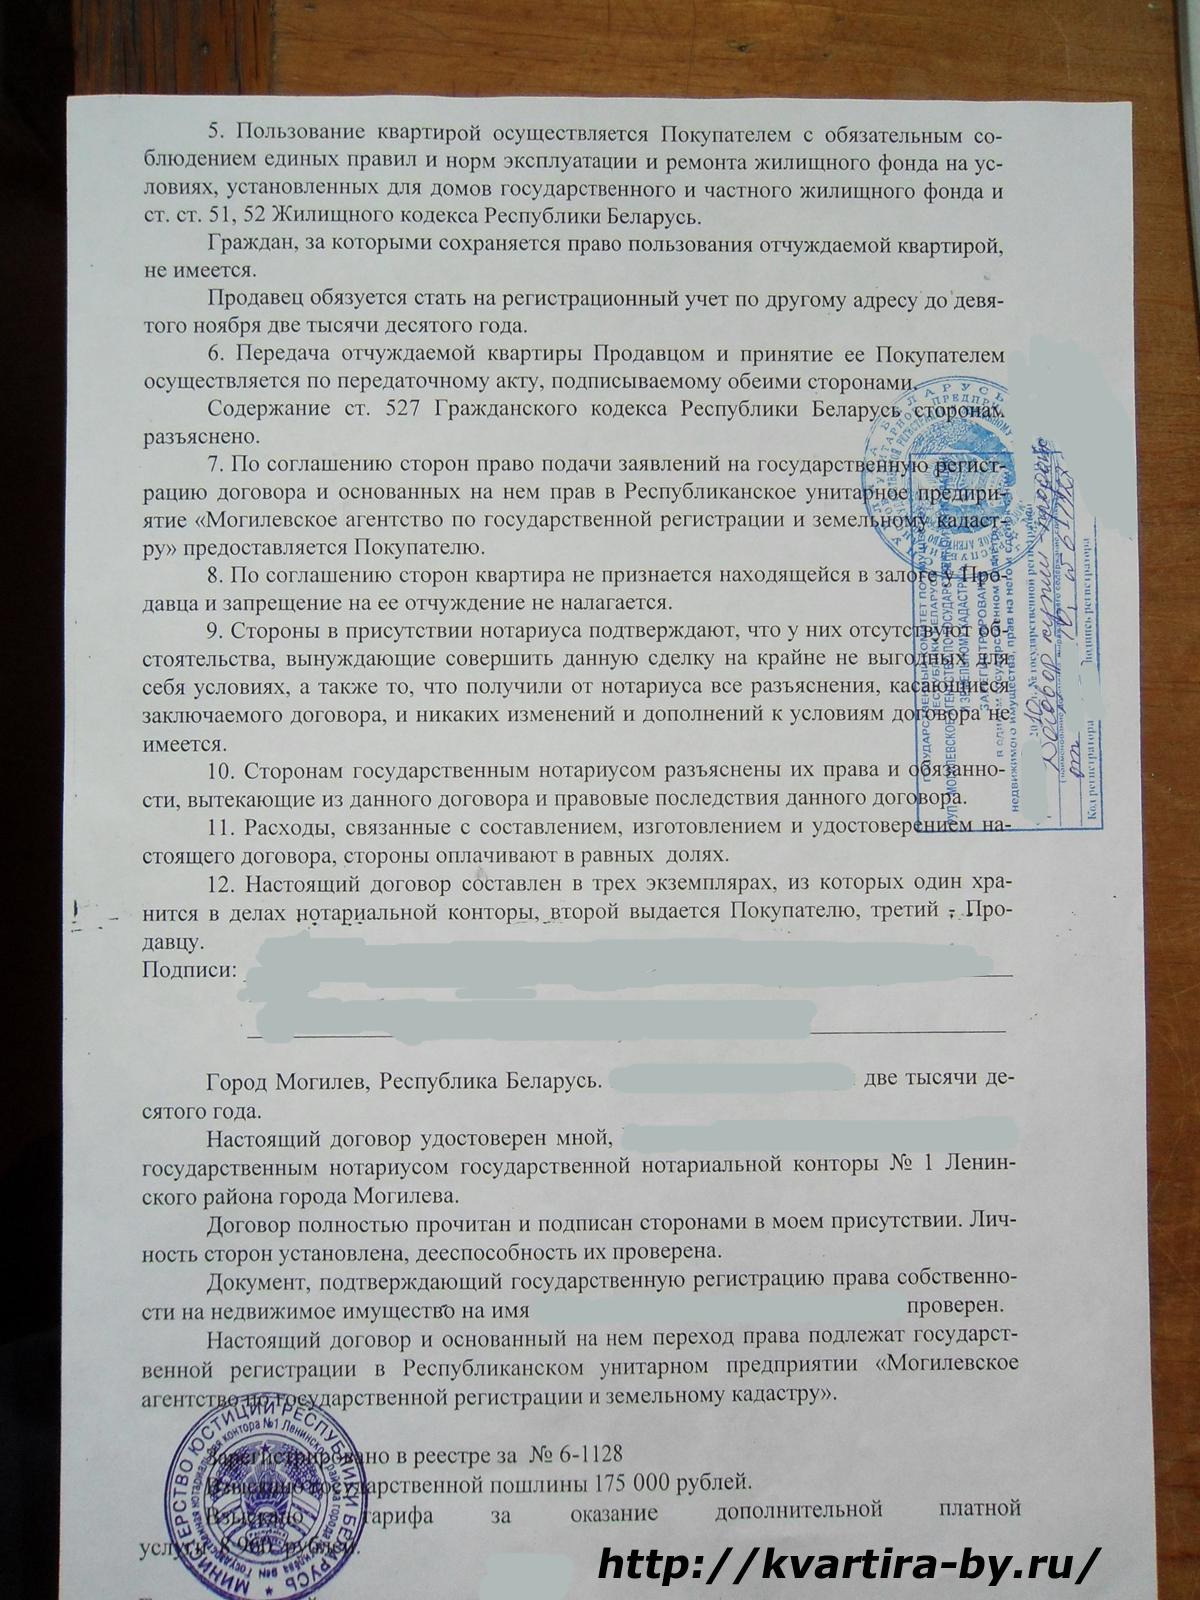 Образец Договора Купли Продажи Земельного Участка С Рассрочкой Платежа